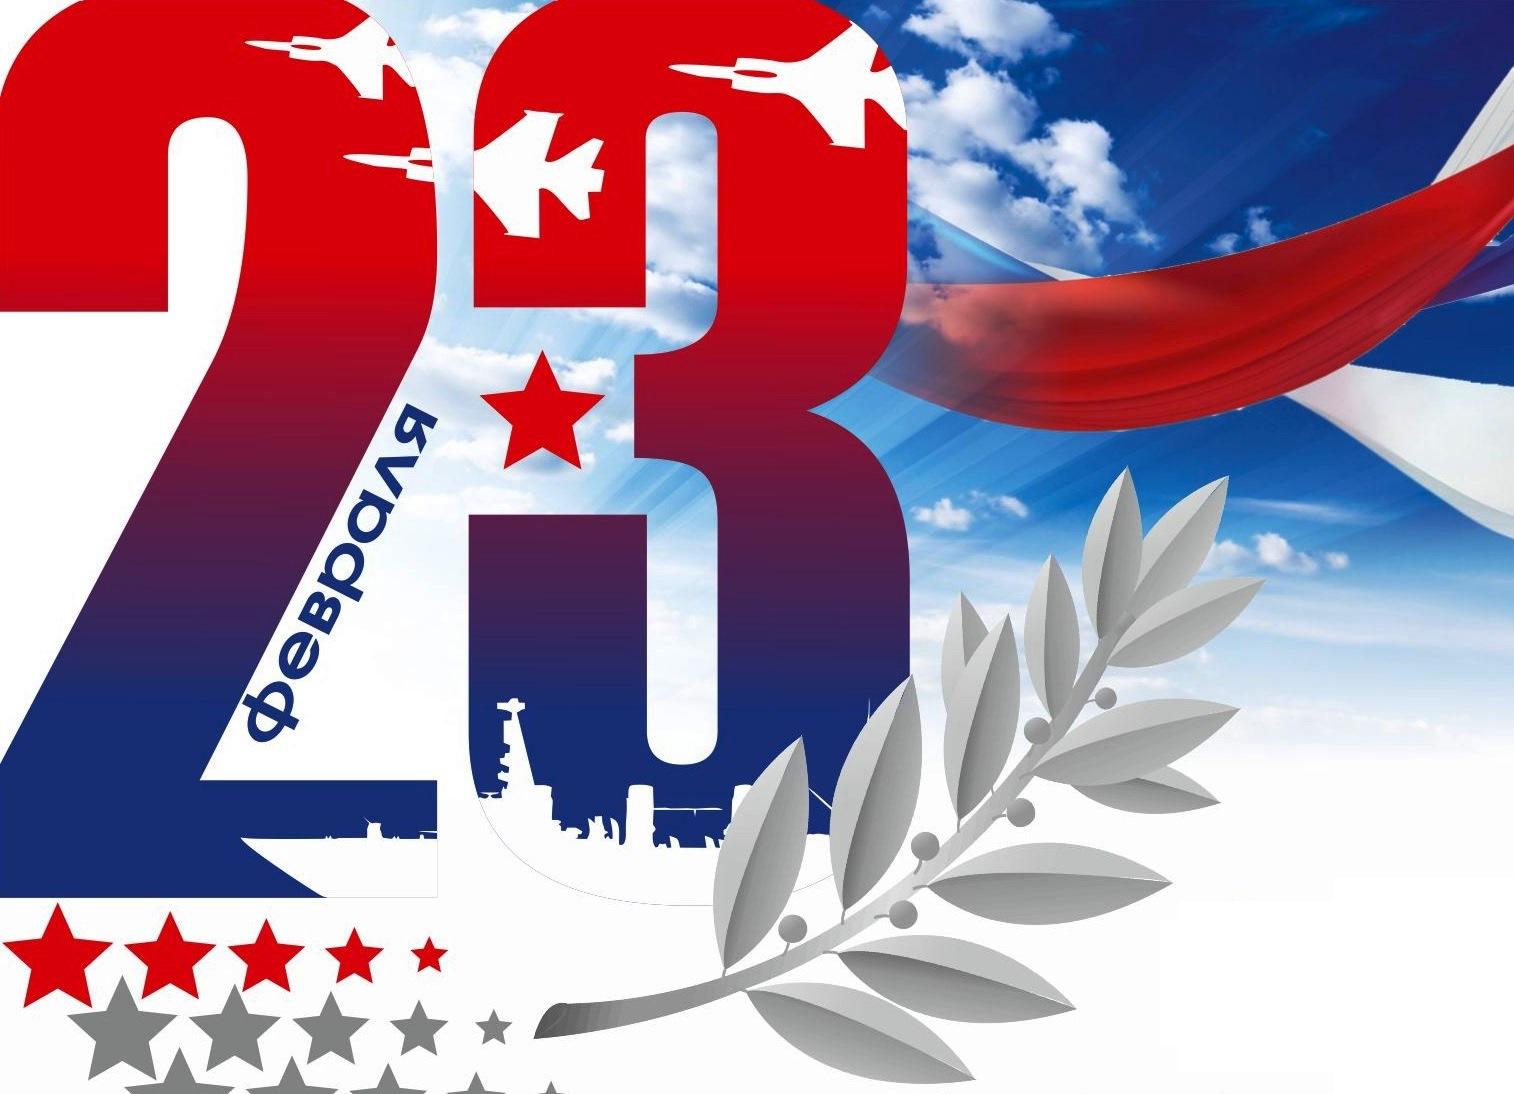 Всероссийский конкурс творческих работ «Защитники Отечества - гордимся, помним, славим!»